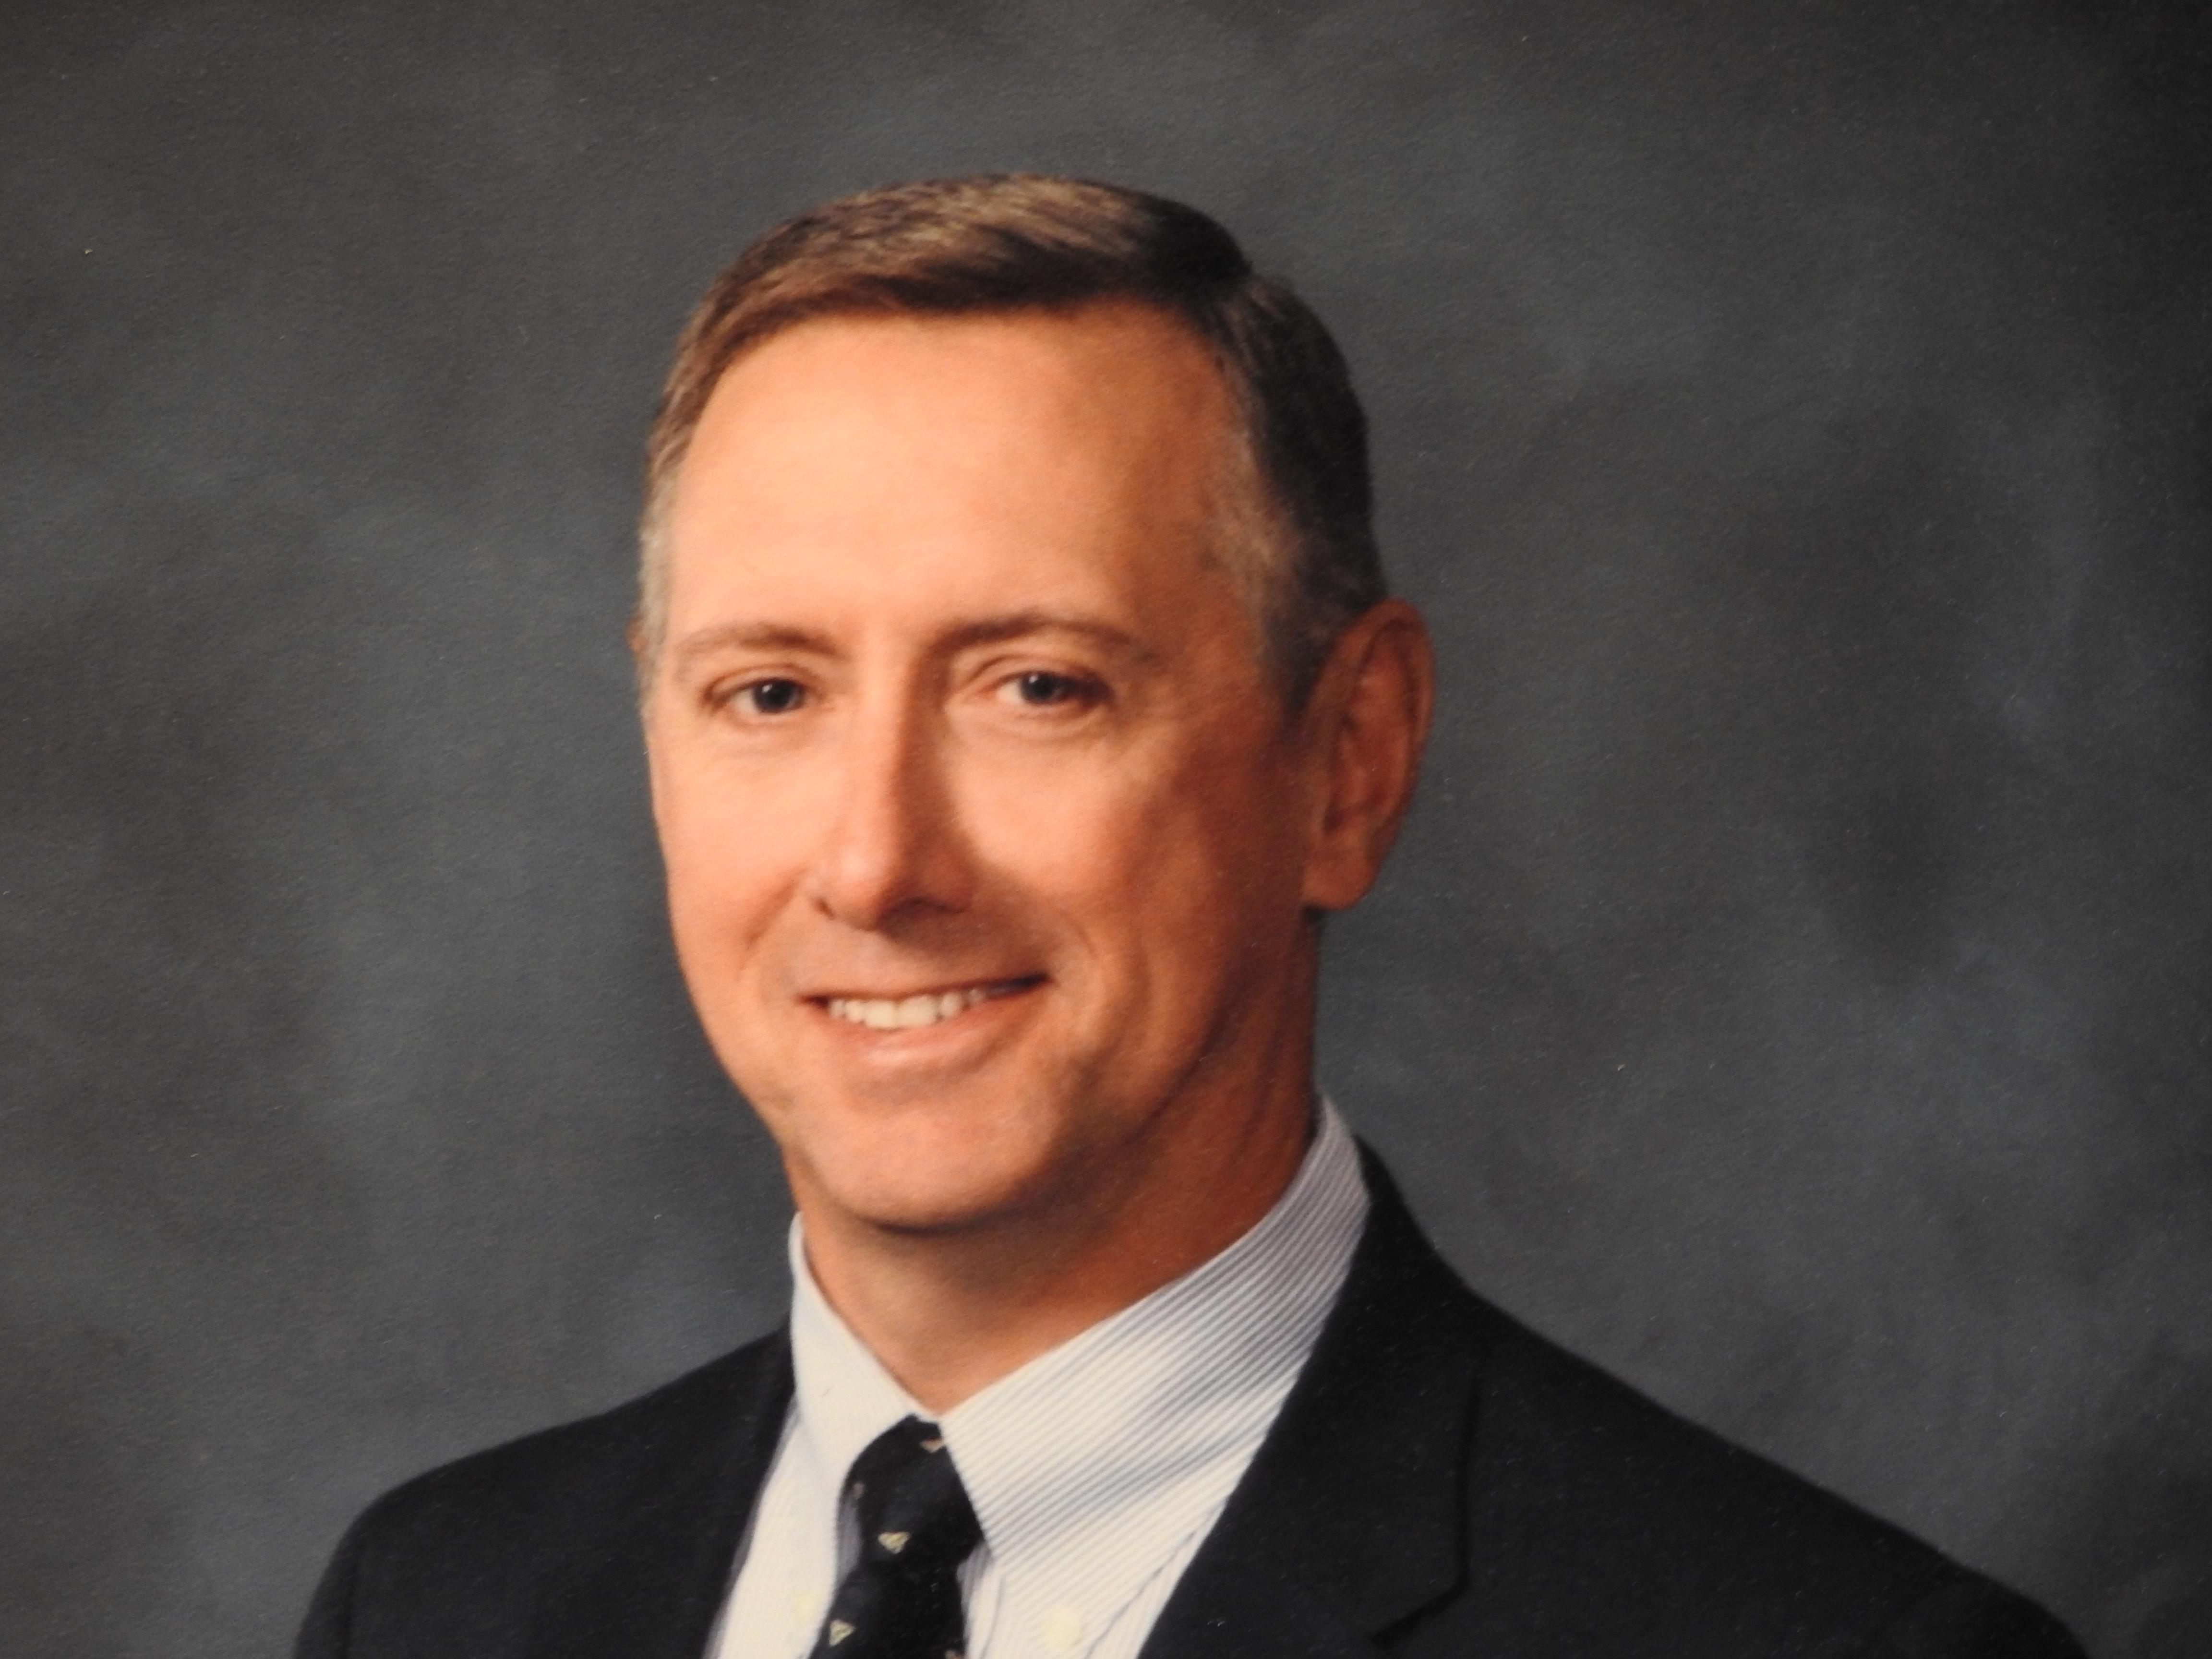 James P. McQuaid